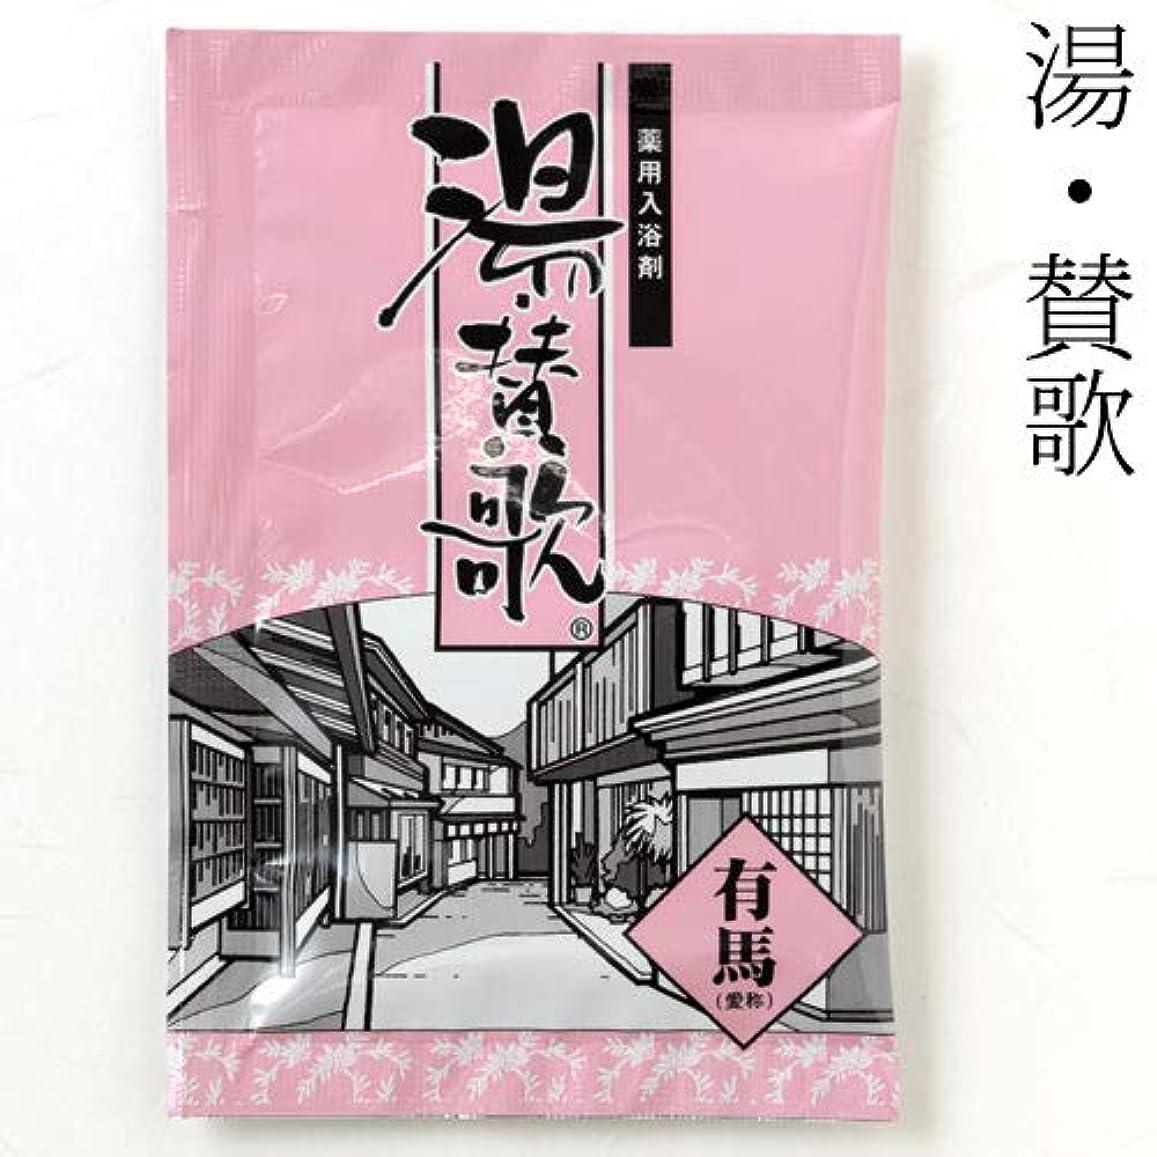 幸運な糸消毒する入浴剤湯?賛歌有馬1包石川県のお風呂グッズBath additive, Ishikawa craft